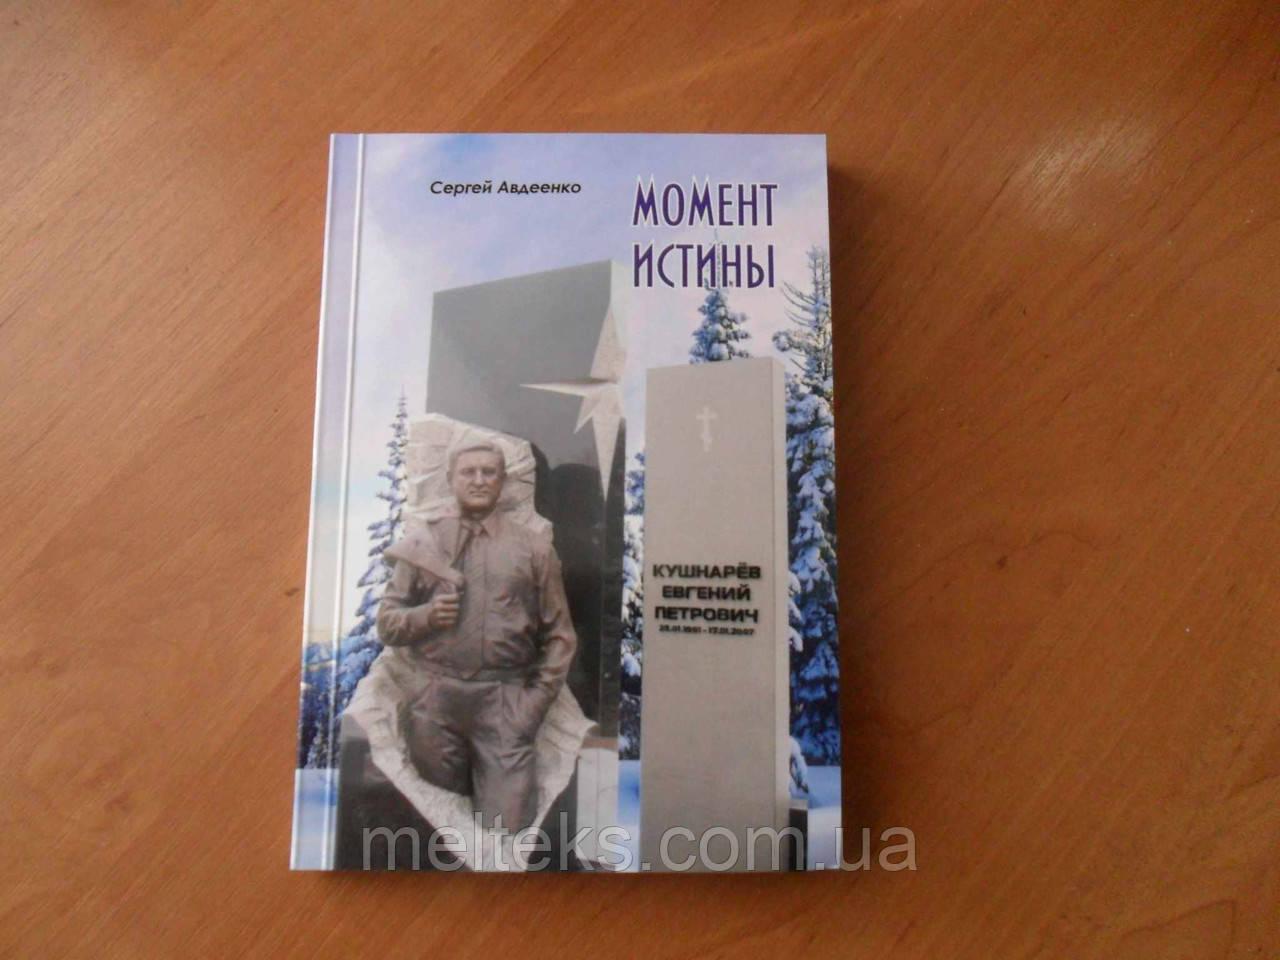 Момент истины. Жизнь и смерть Евгения Кушнарева (книга Сергея Авдеенко)